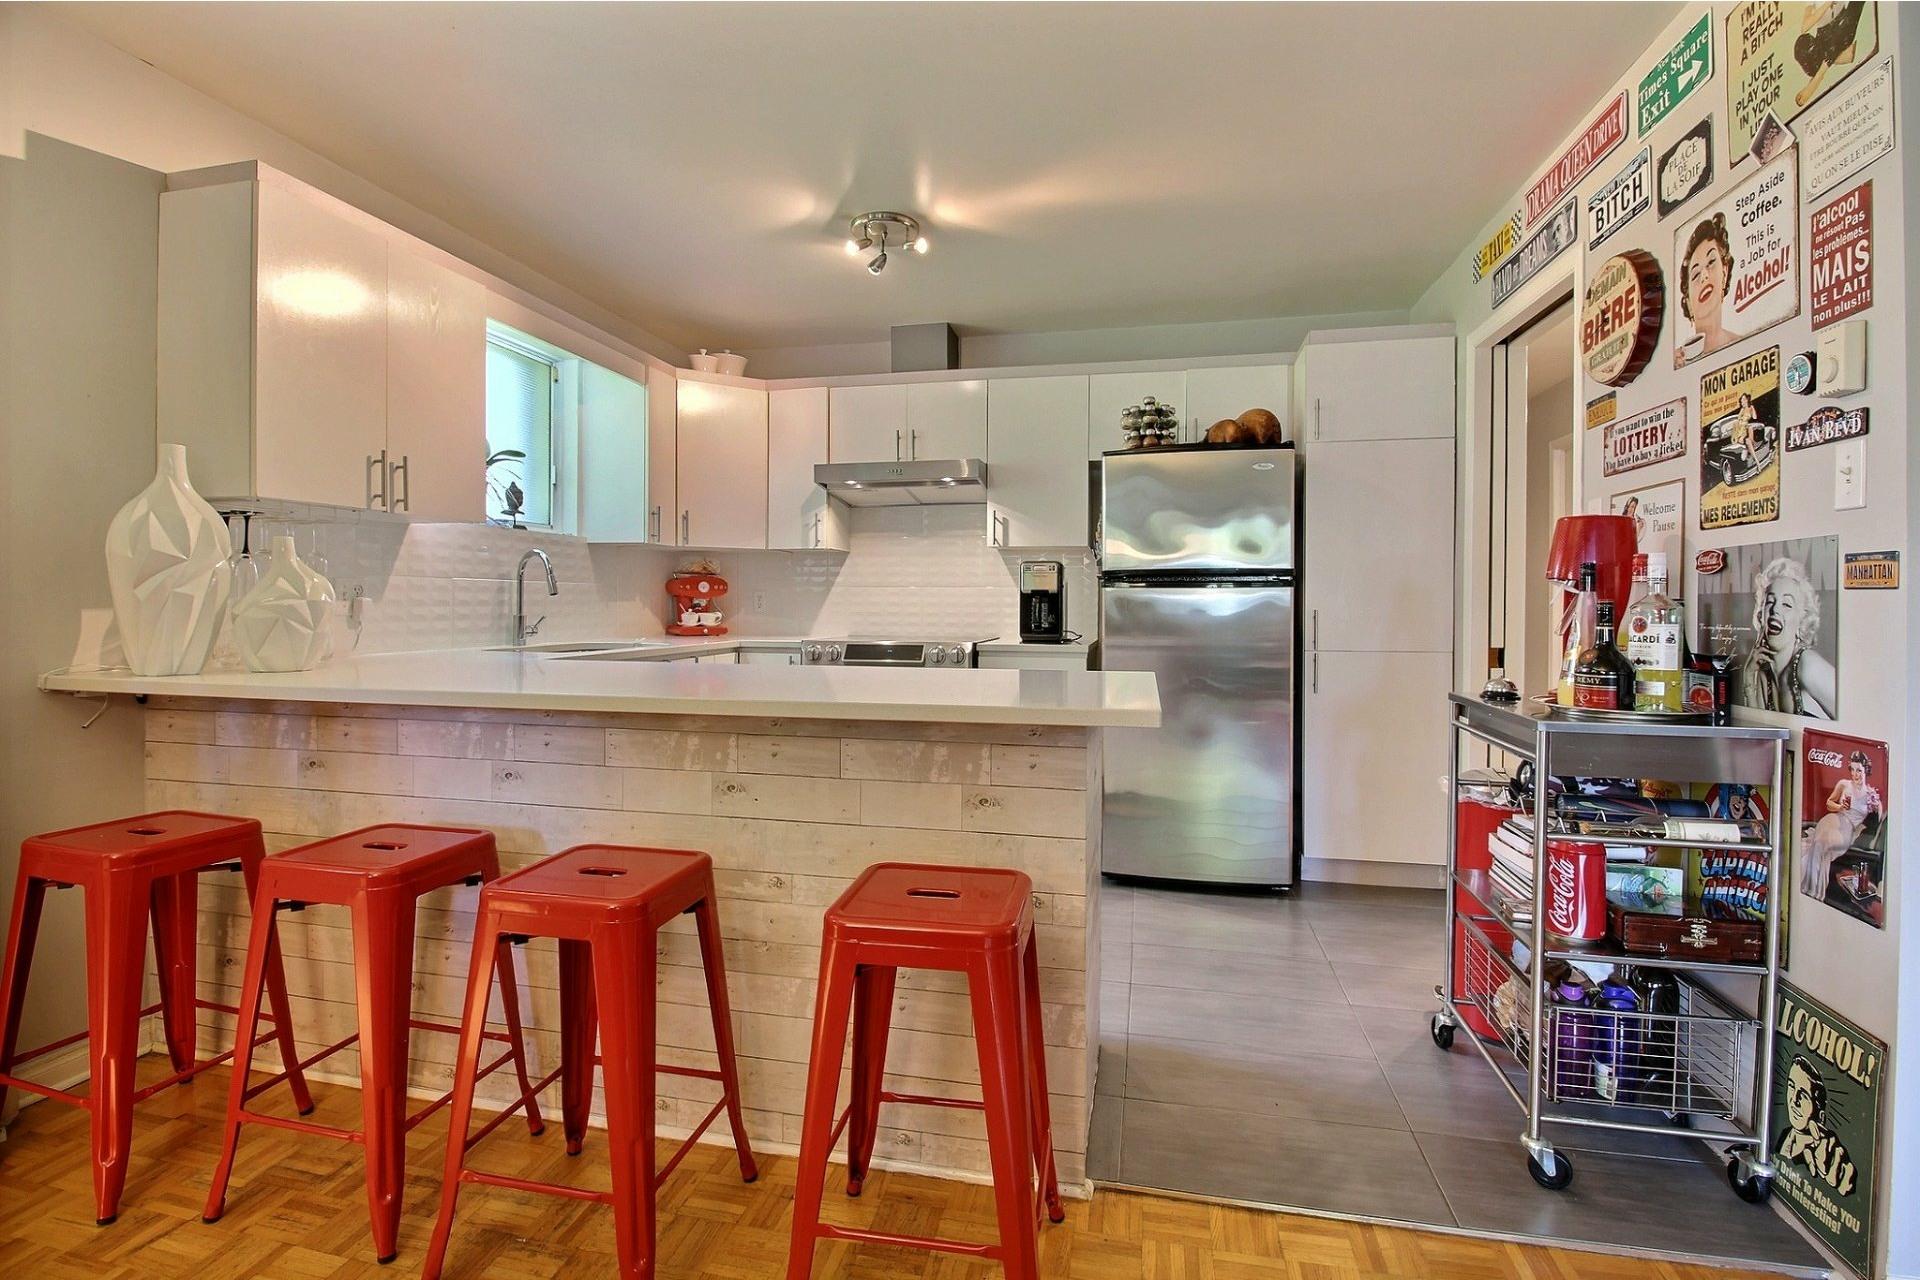 image 7 - Appartement À vendre Montréal Rivière-des-Prairies/Pointe-aux-Trembles  - 5 pièces